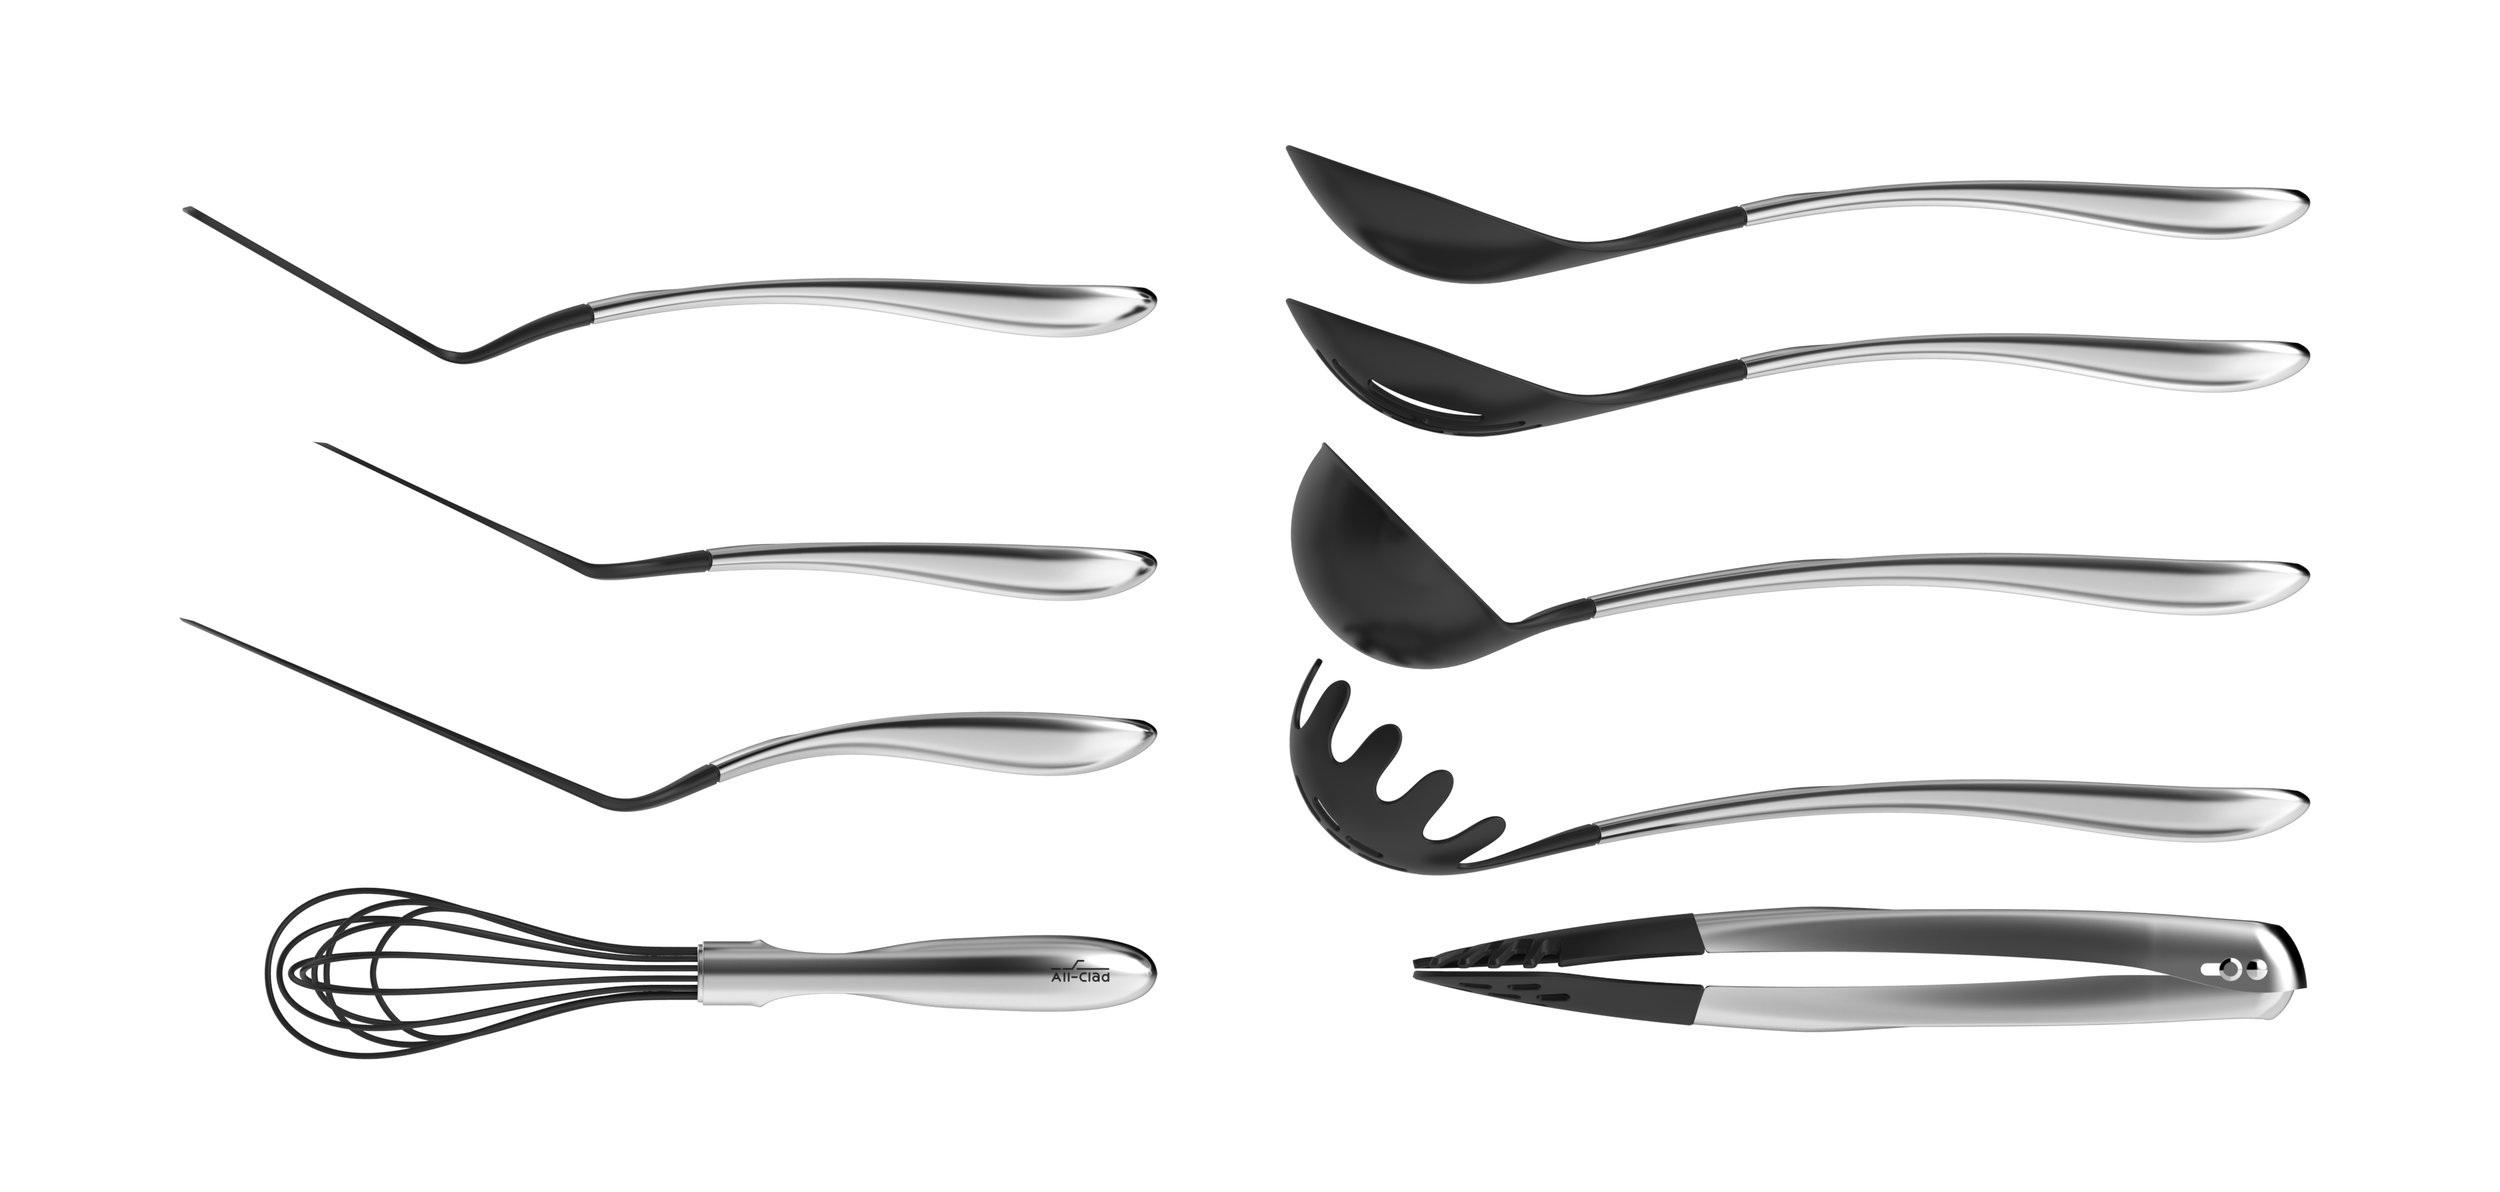 NS_Tools_Set_020816 - Copy.535.jpg